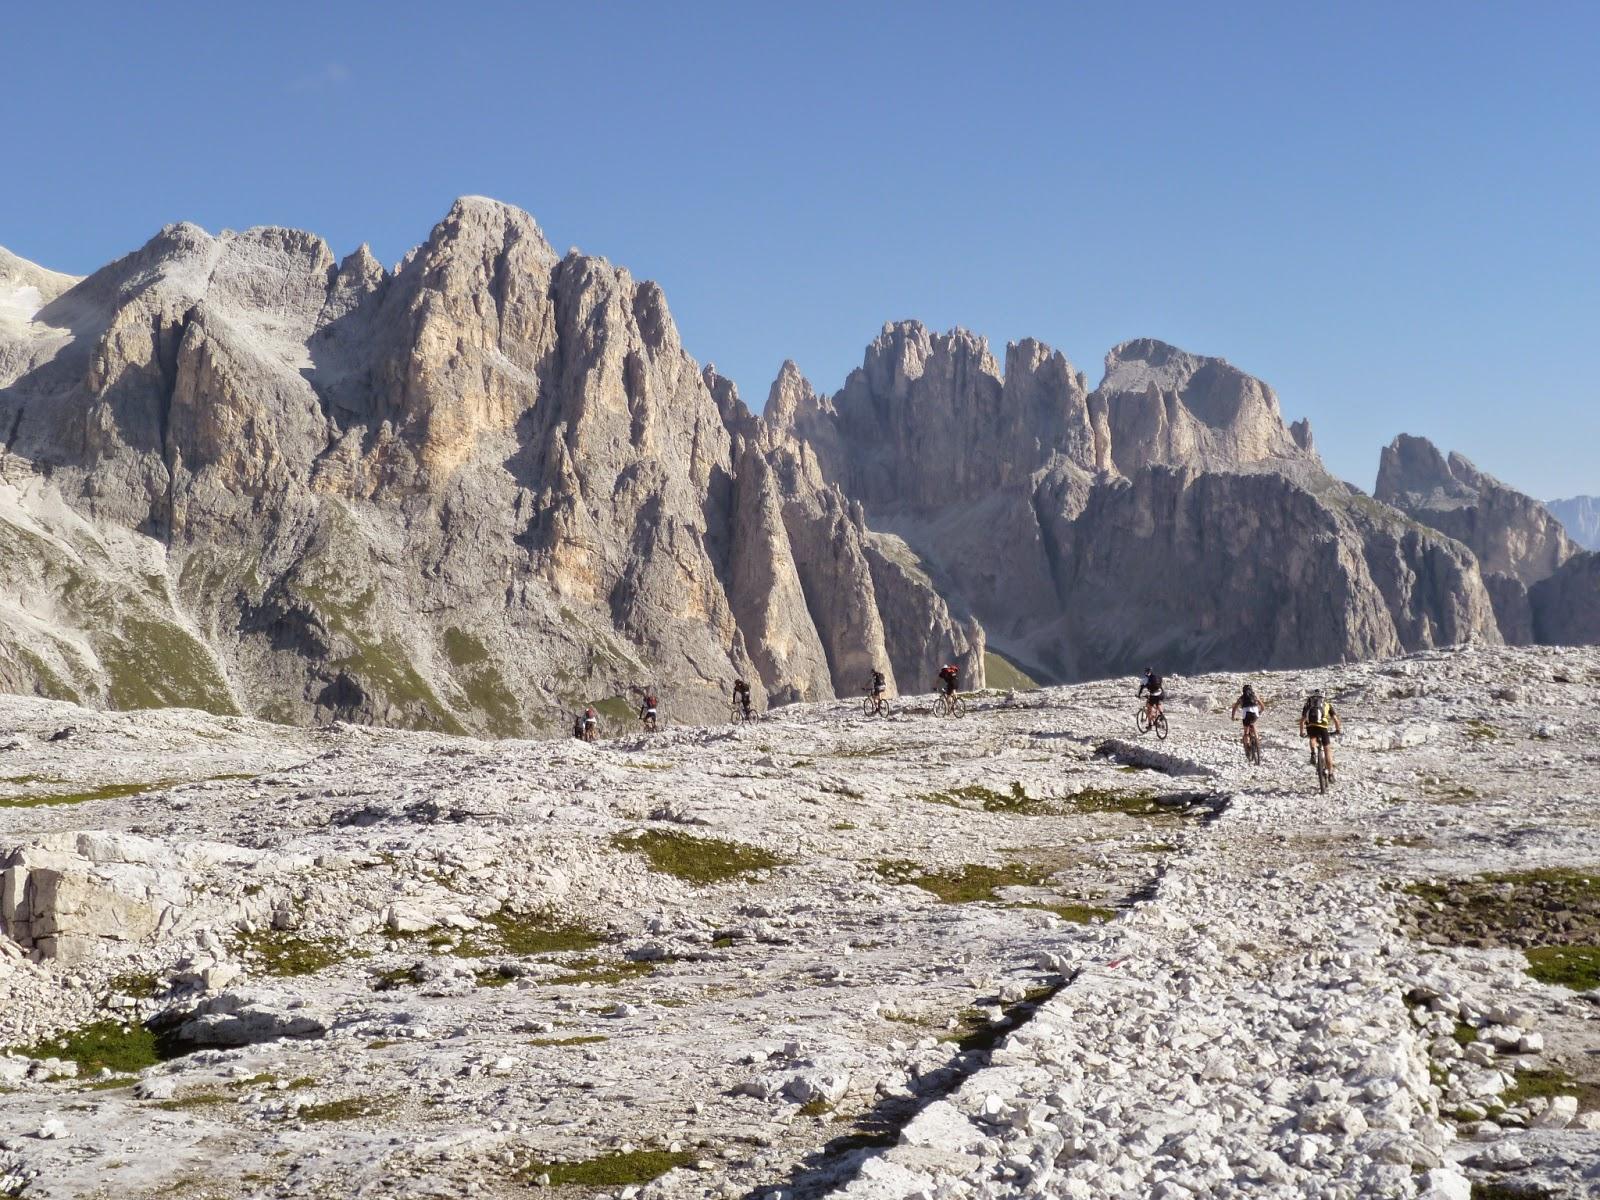 L'altopiano delle Pale di San Martino